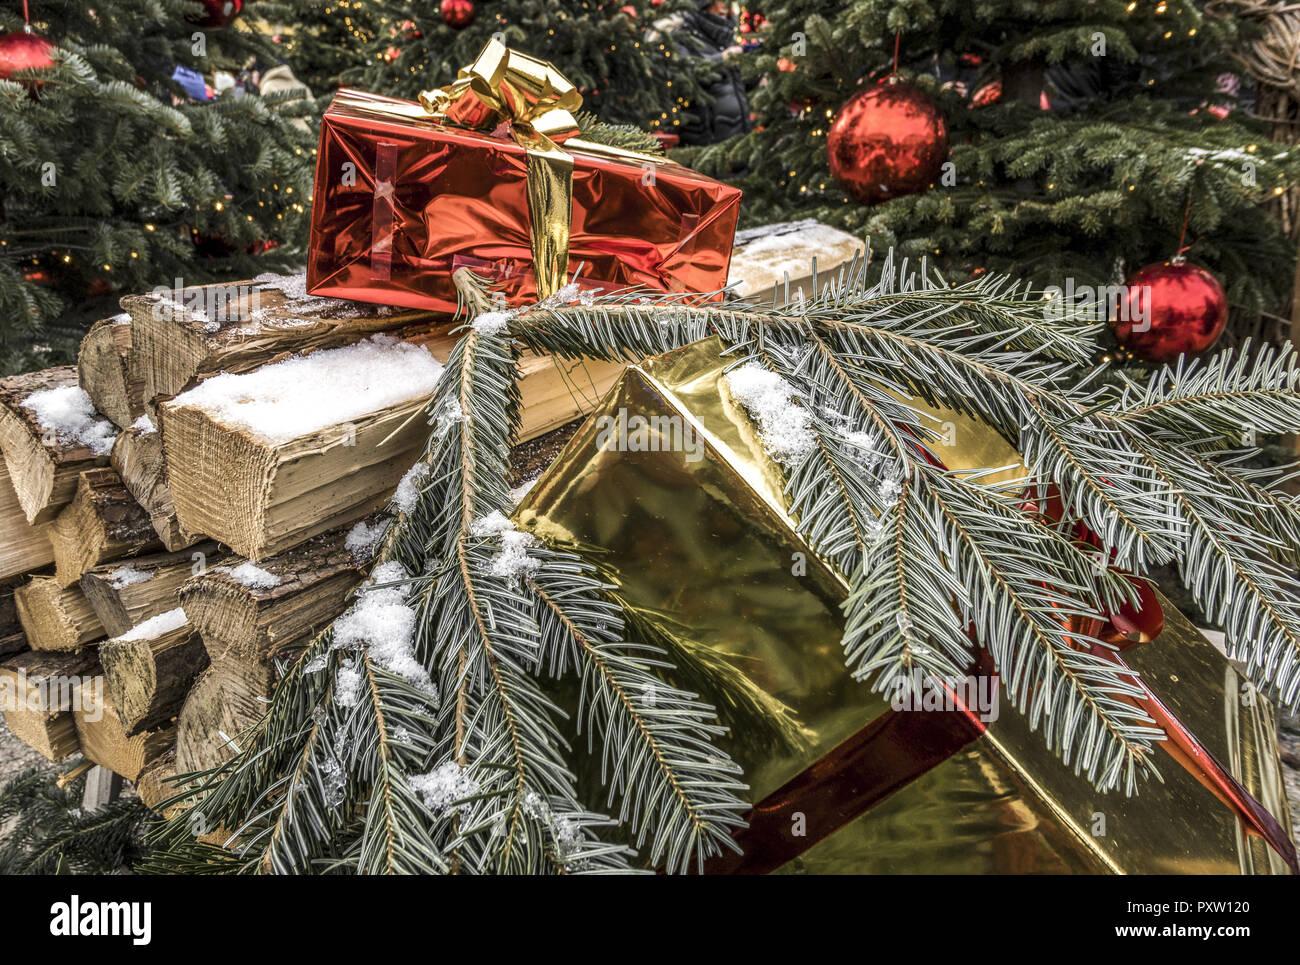 Schloss Hellbrunn Weihnachtsmarkt.Weihnachtsmarkt Schloss Hellbrunn Salzburg österreich Stockfoto